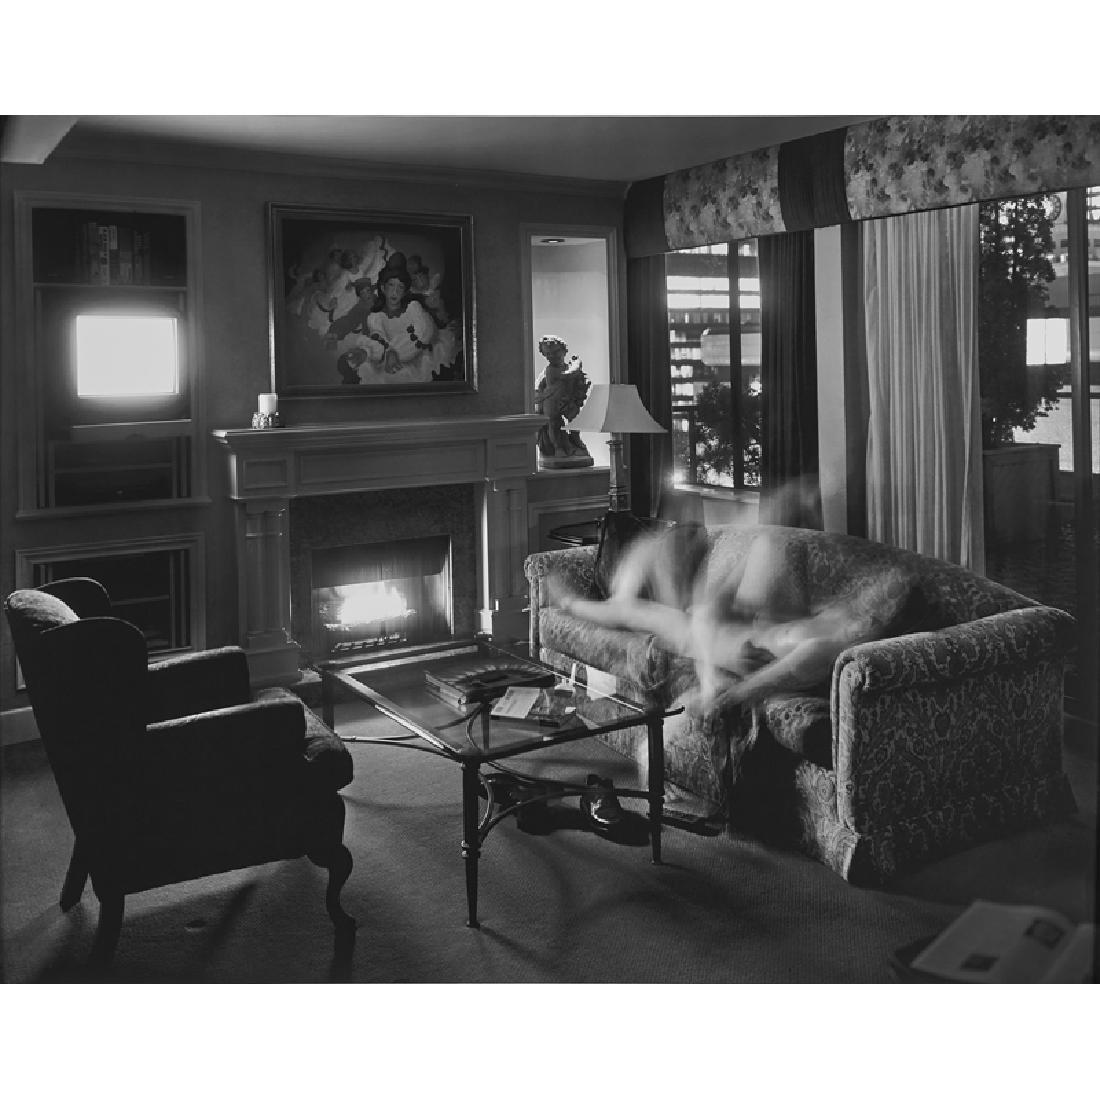 Matthew Pillsbury (American, b. 1973)